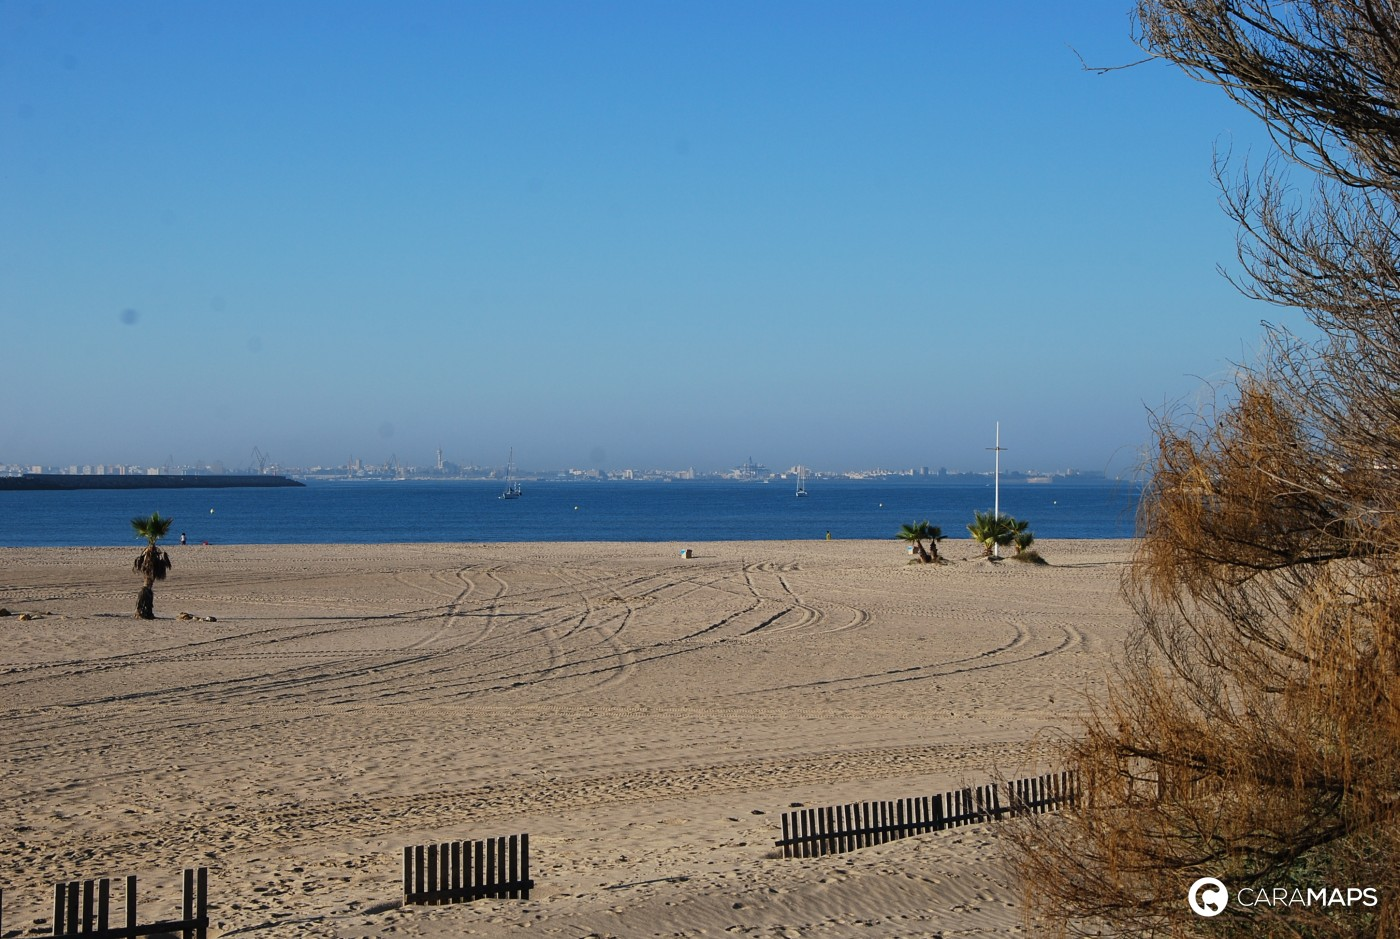 D couvrez camping de las dunas de san ant n une tape for Camping el jardin de las dunas